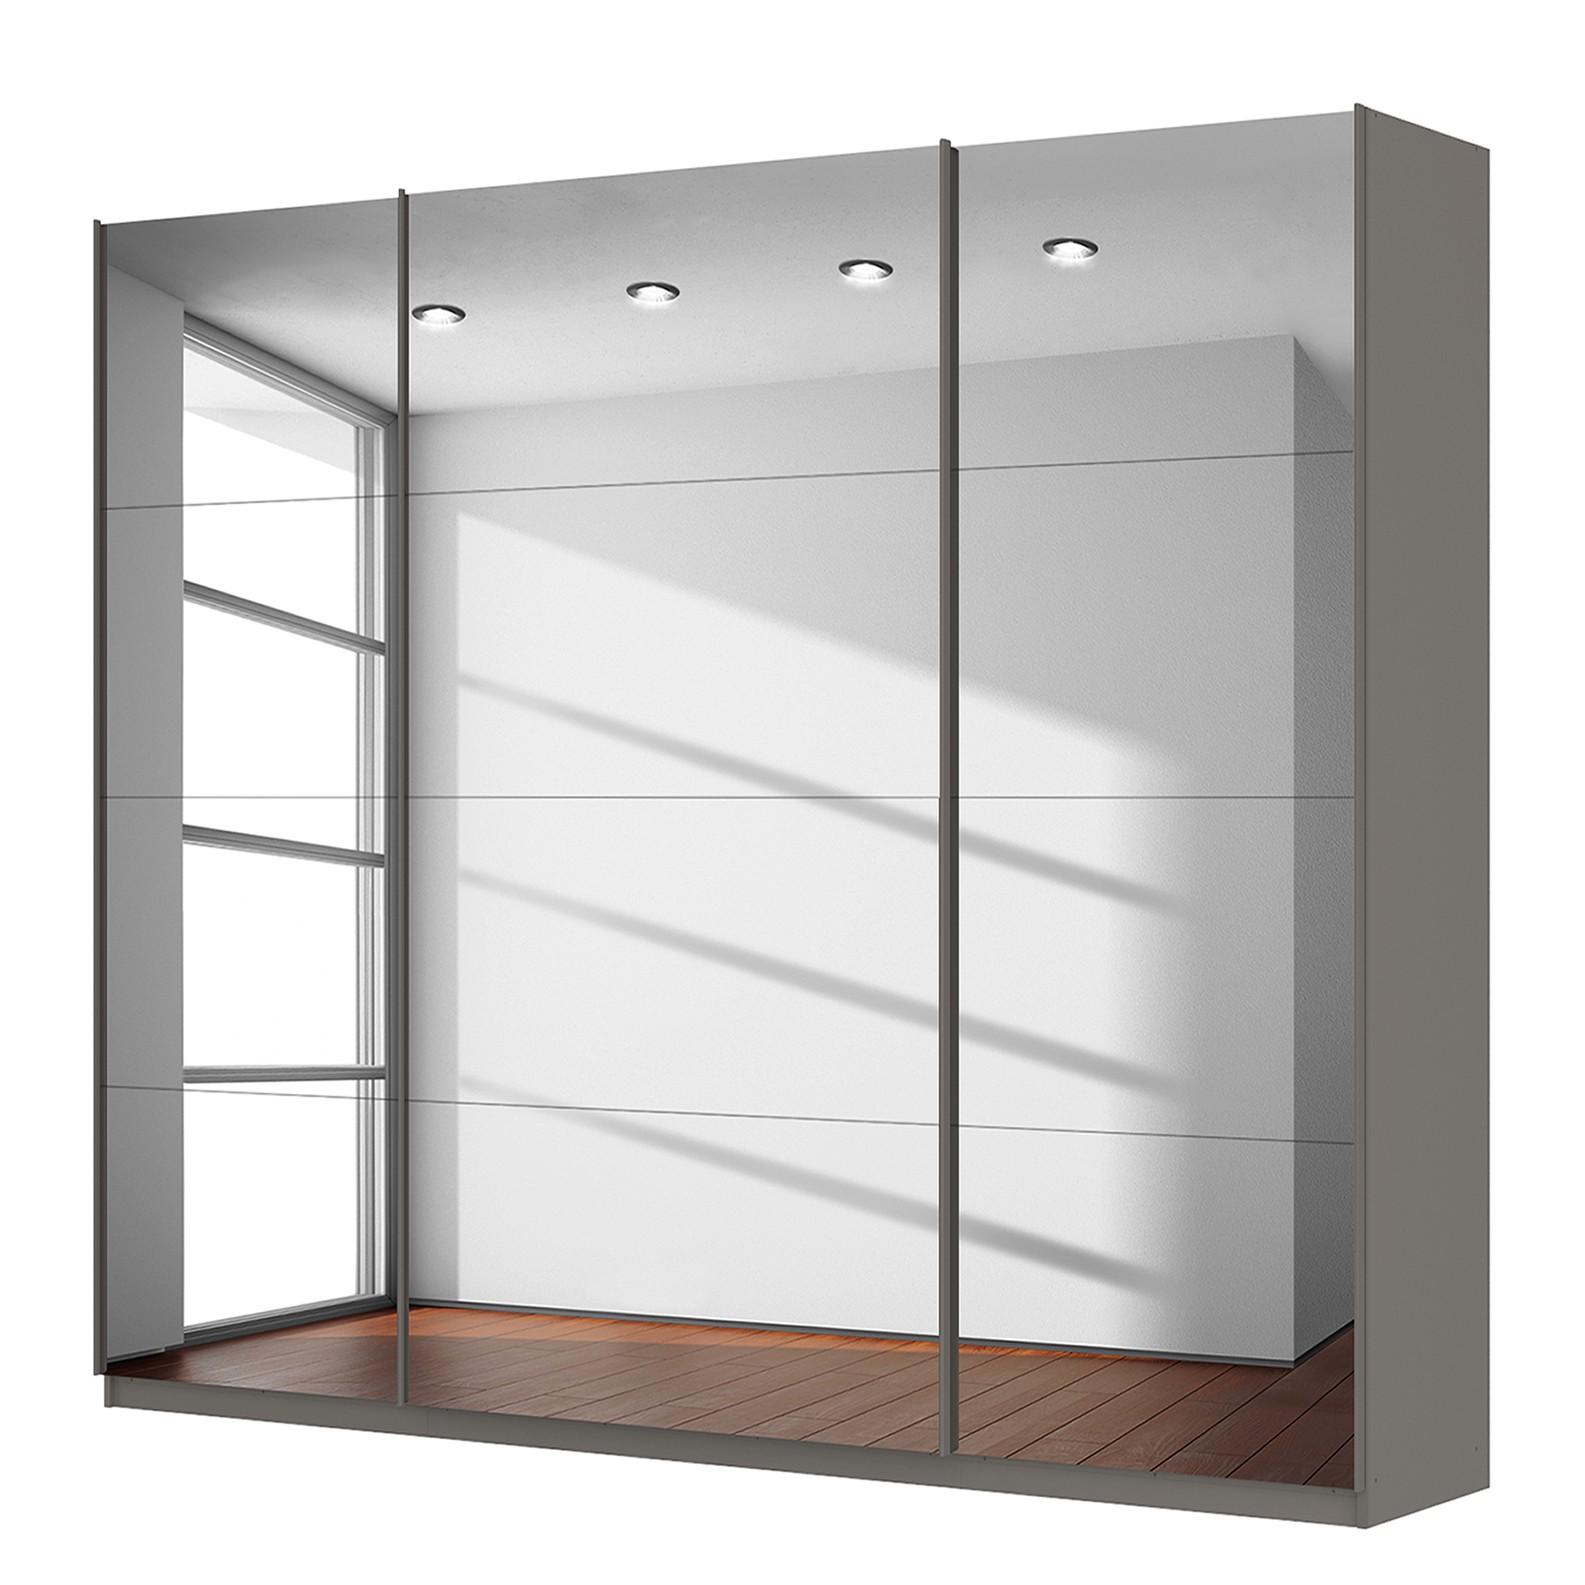 home24 Schwebetuerenschrank SKOEP   Schlafzimmer > Kleiderschränke > Schwebetürenschränke   Grau   SKOEP